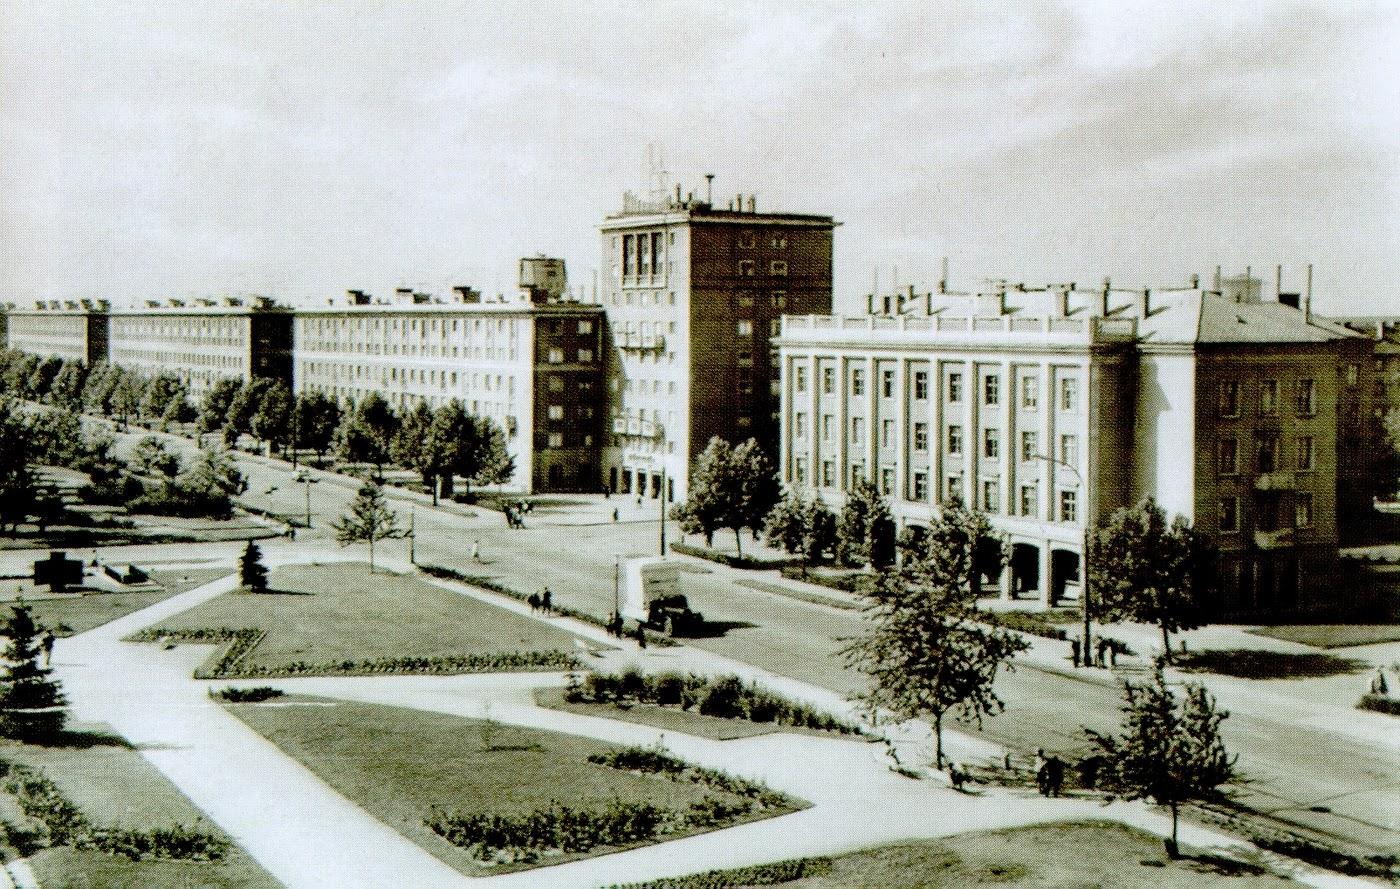 Mit látott M. Joyon Sztálinvárosban?